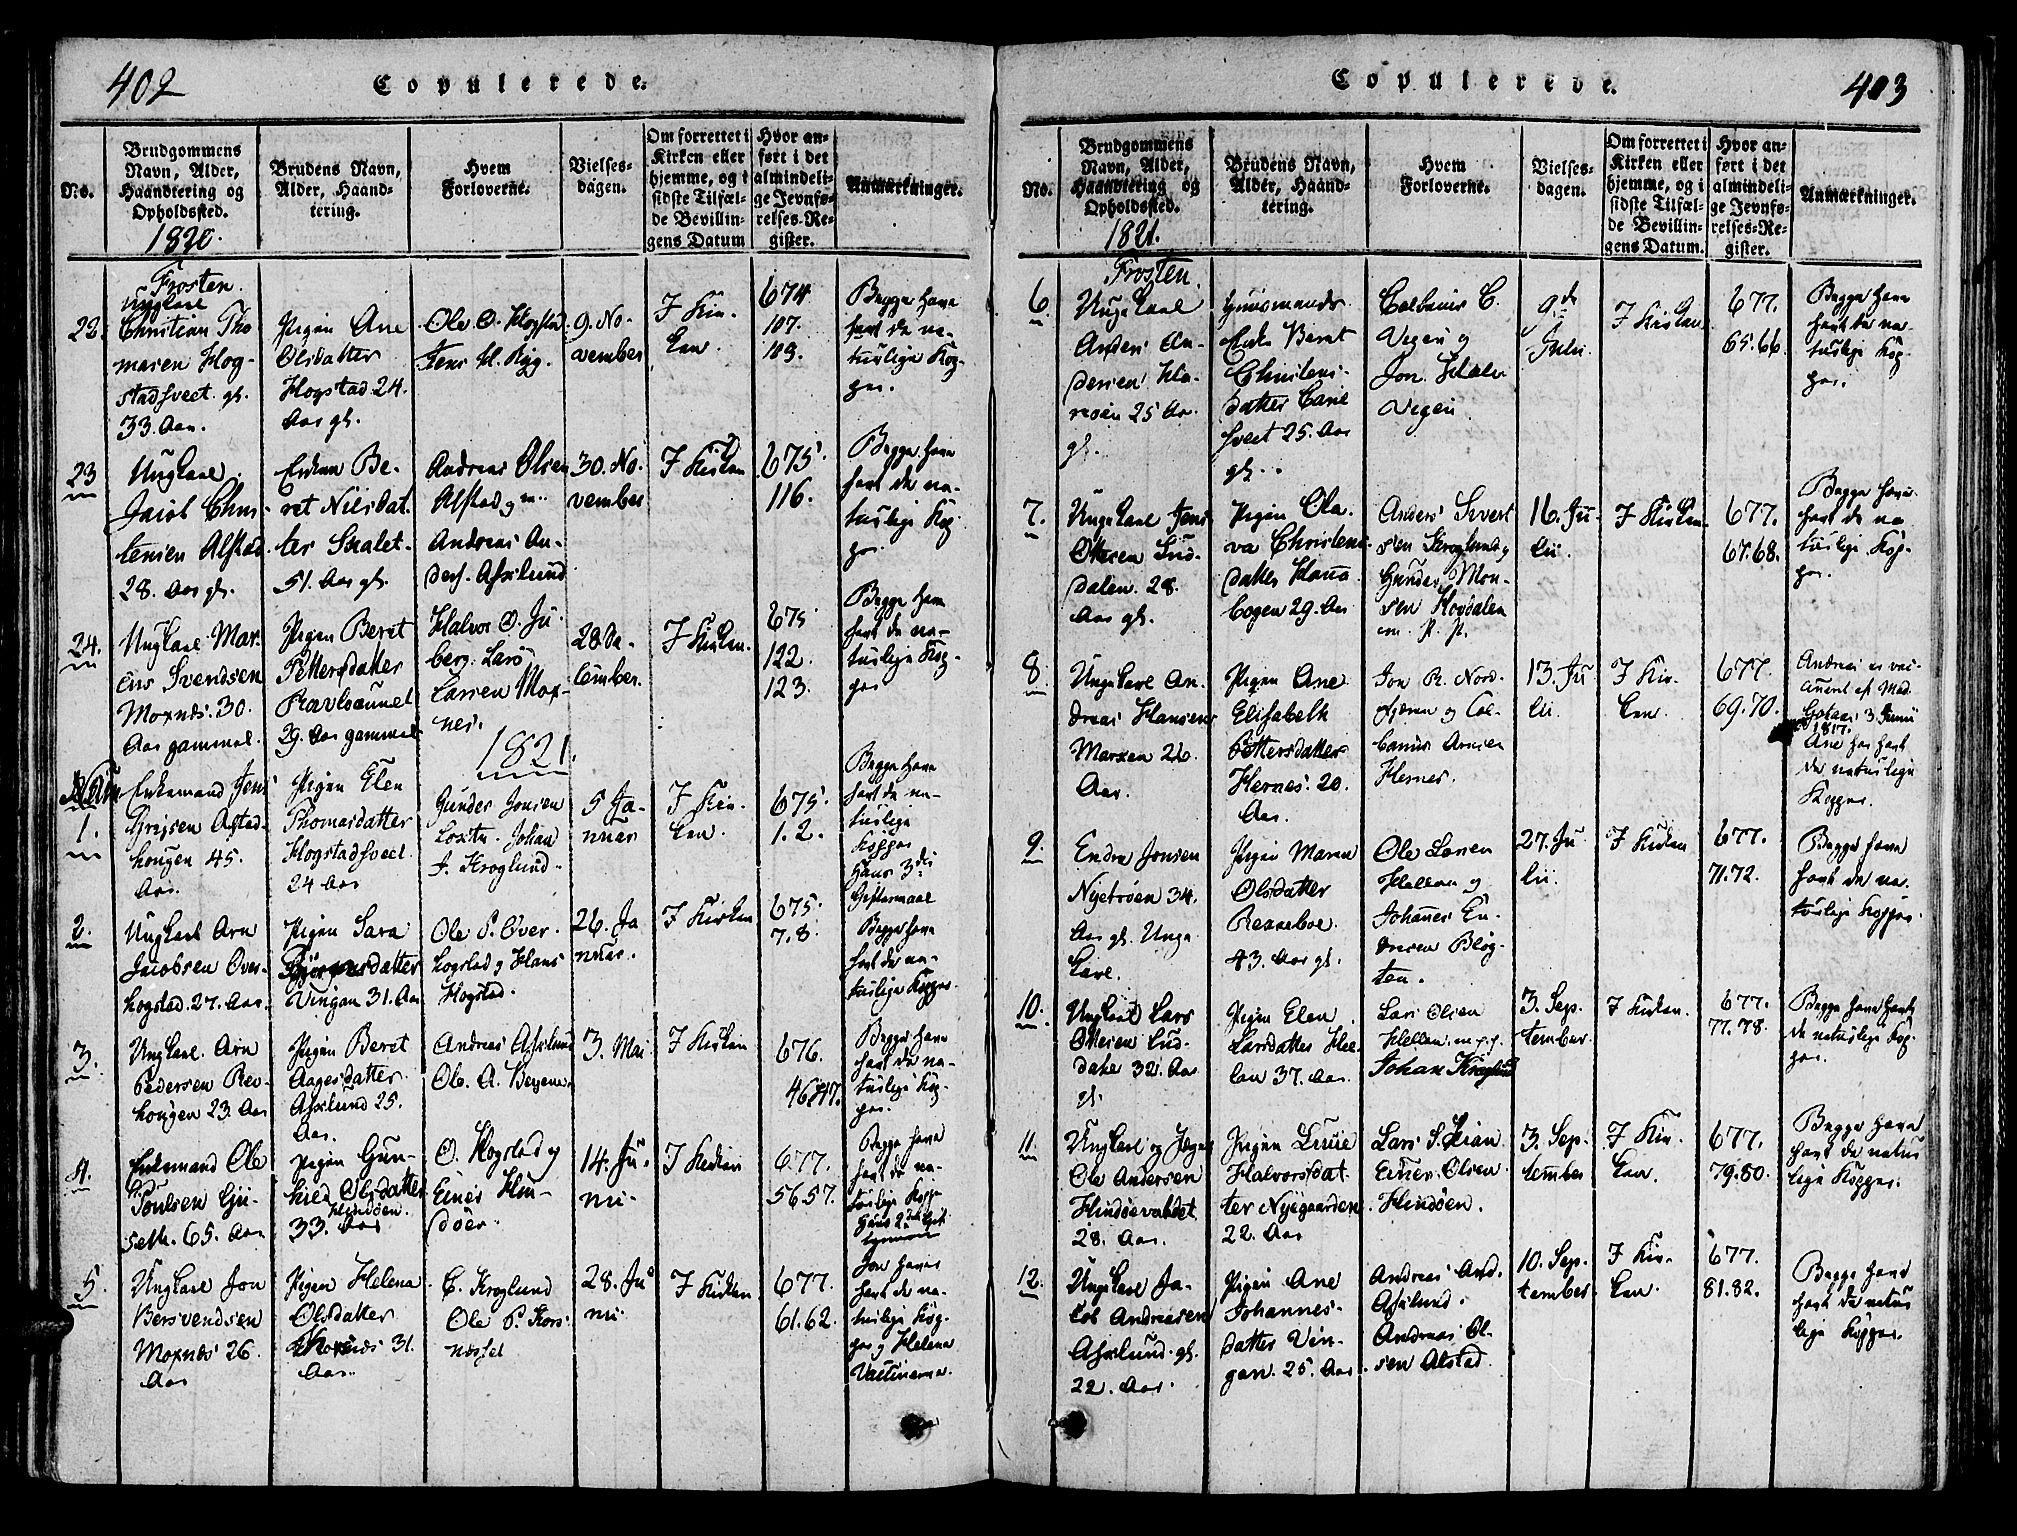 SAT, Ministerialprotokoller, klokkerbøker og fødselsregistre - Nord-Trøndelag, 713/L0112: Ministerialbok nr. 713A04 /1, 1817-1827, s. 402-403